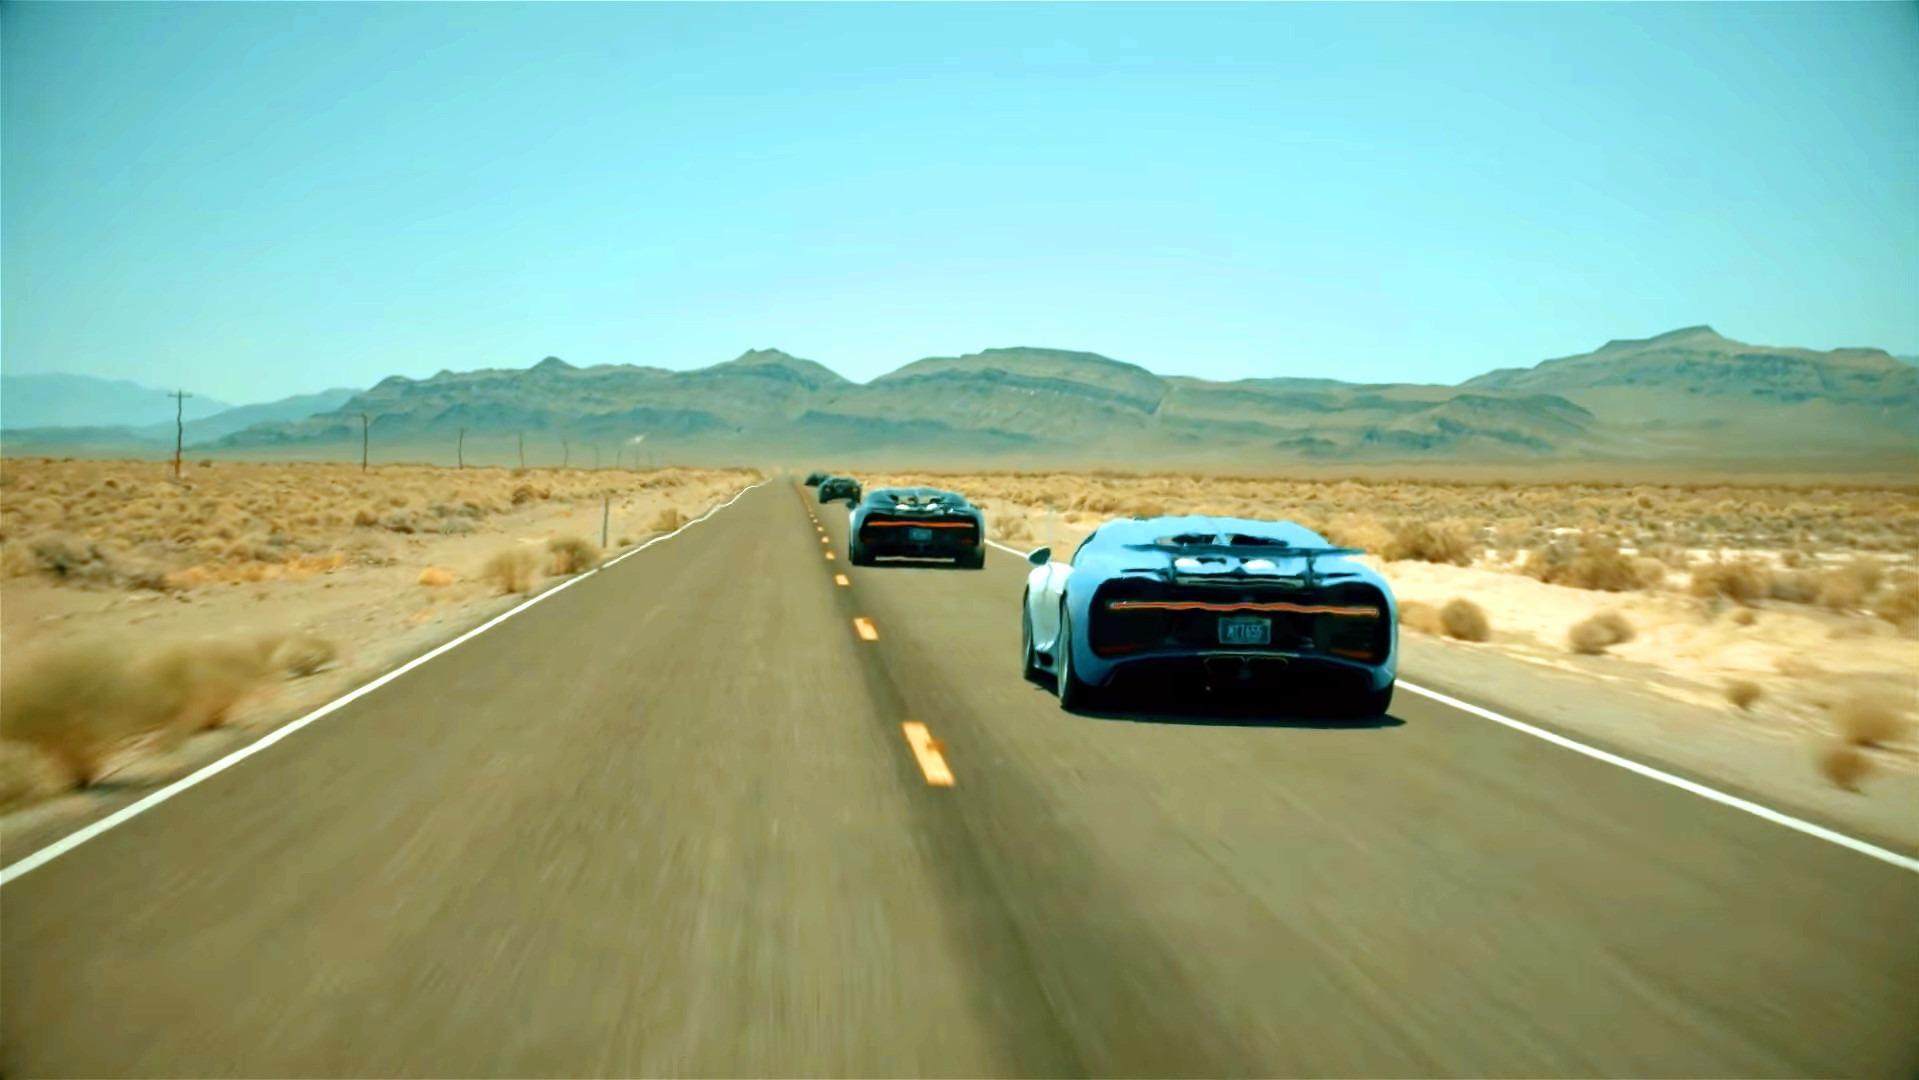 Bugatti Chiron - Death Valley